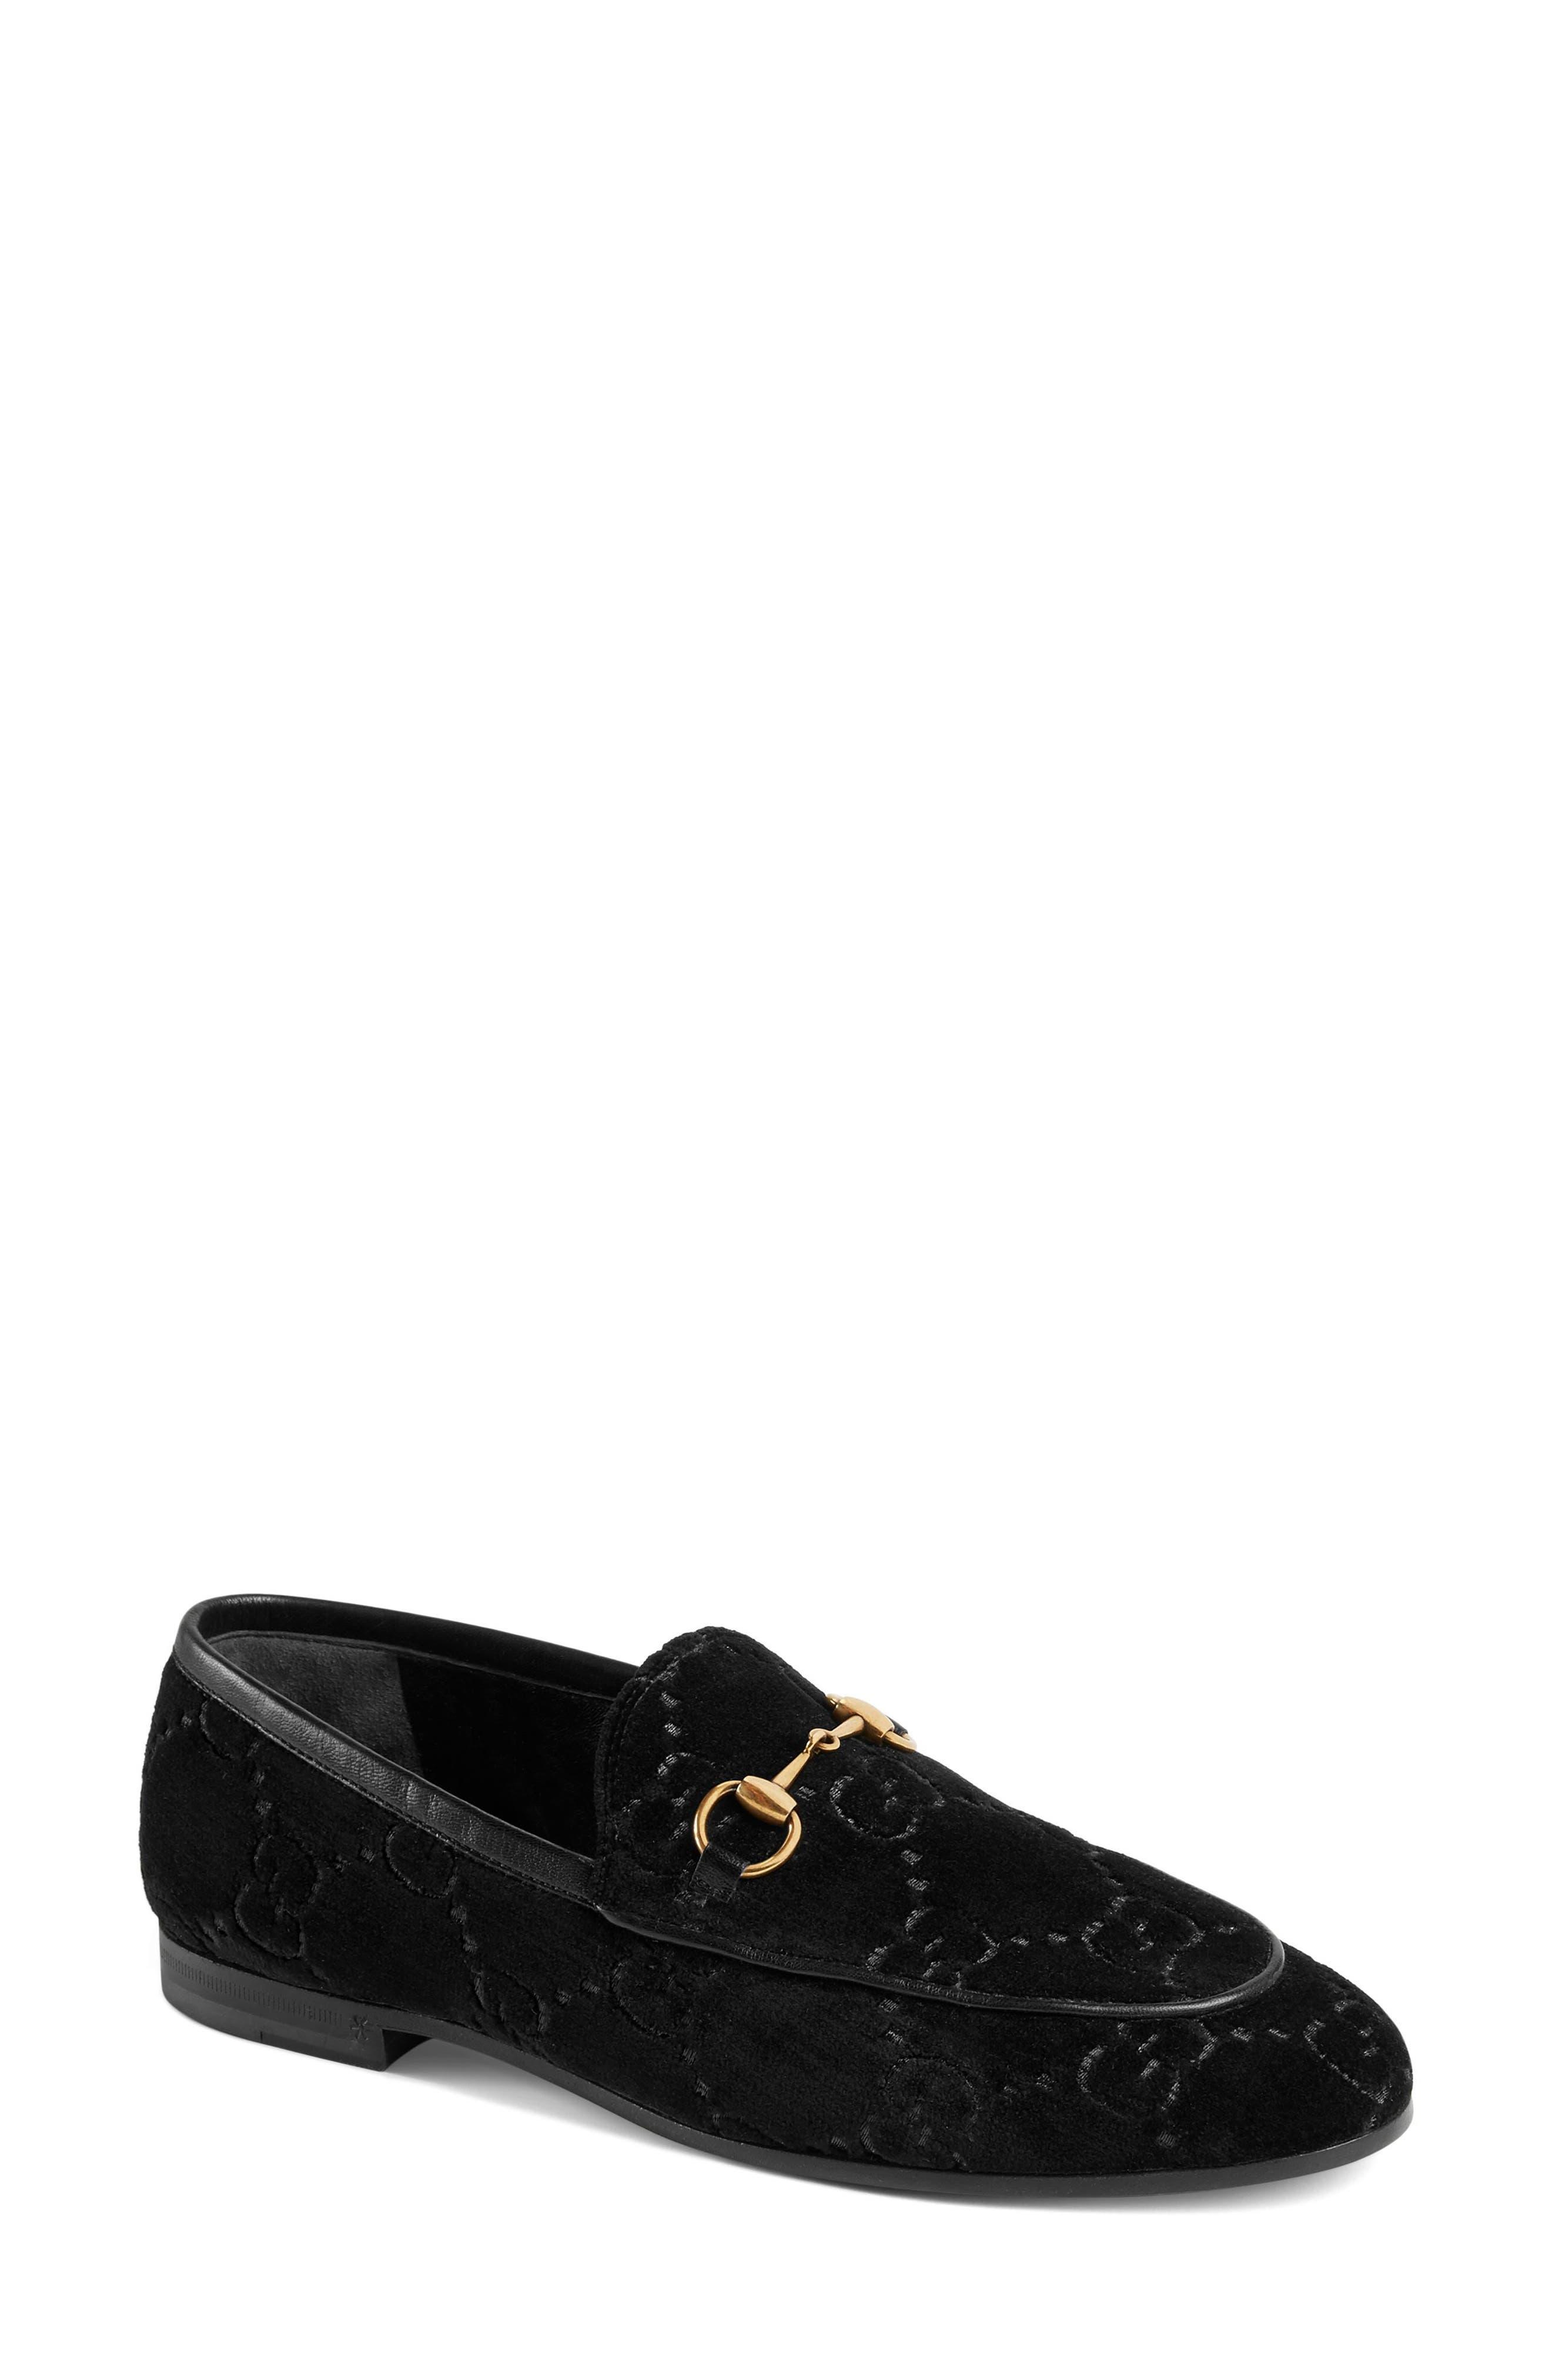 Jordaan Loafer,                         Main,                         color, BLACK